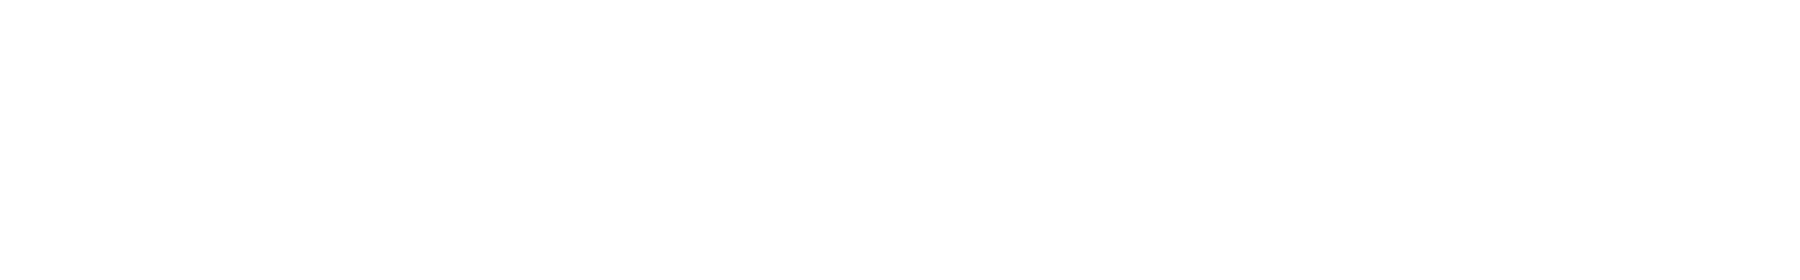 ps480 vb